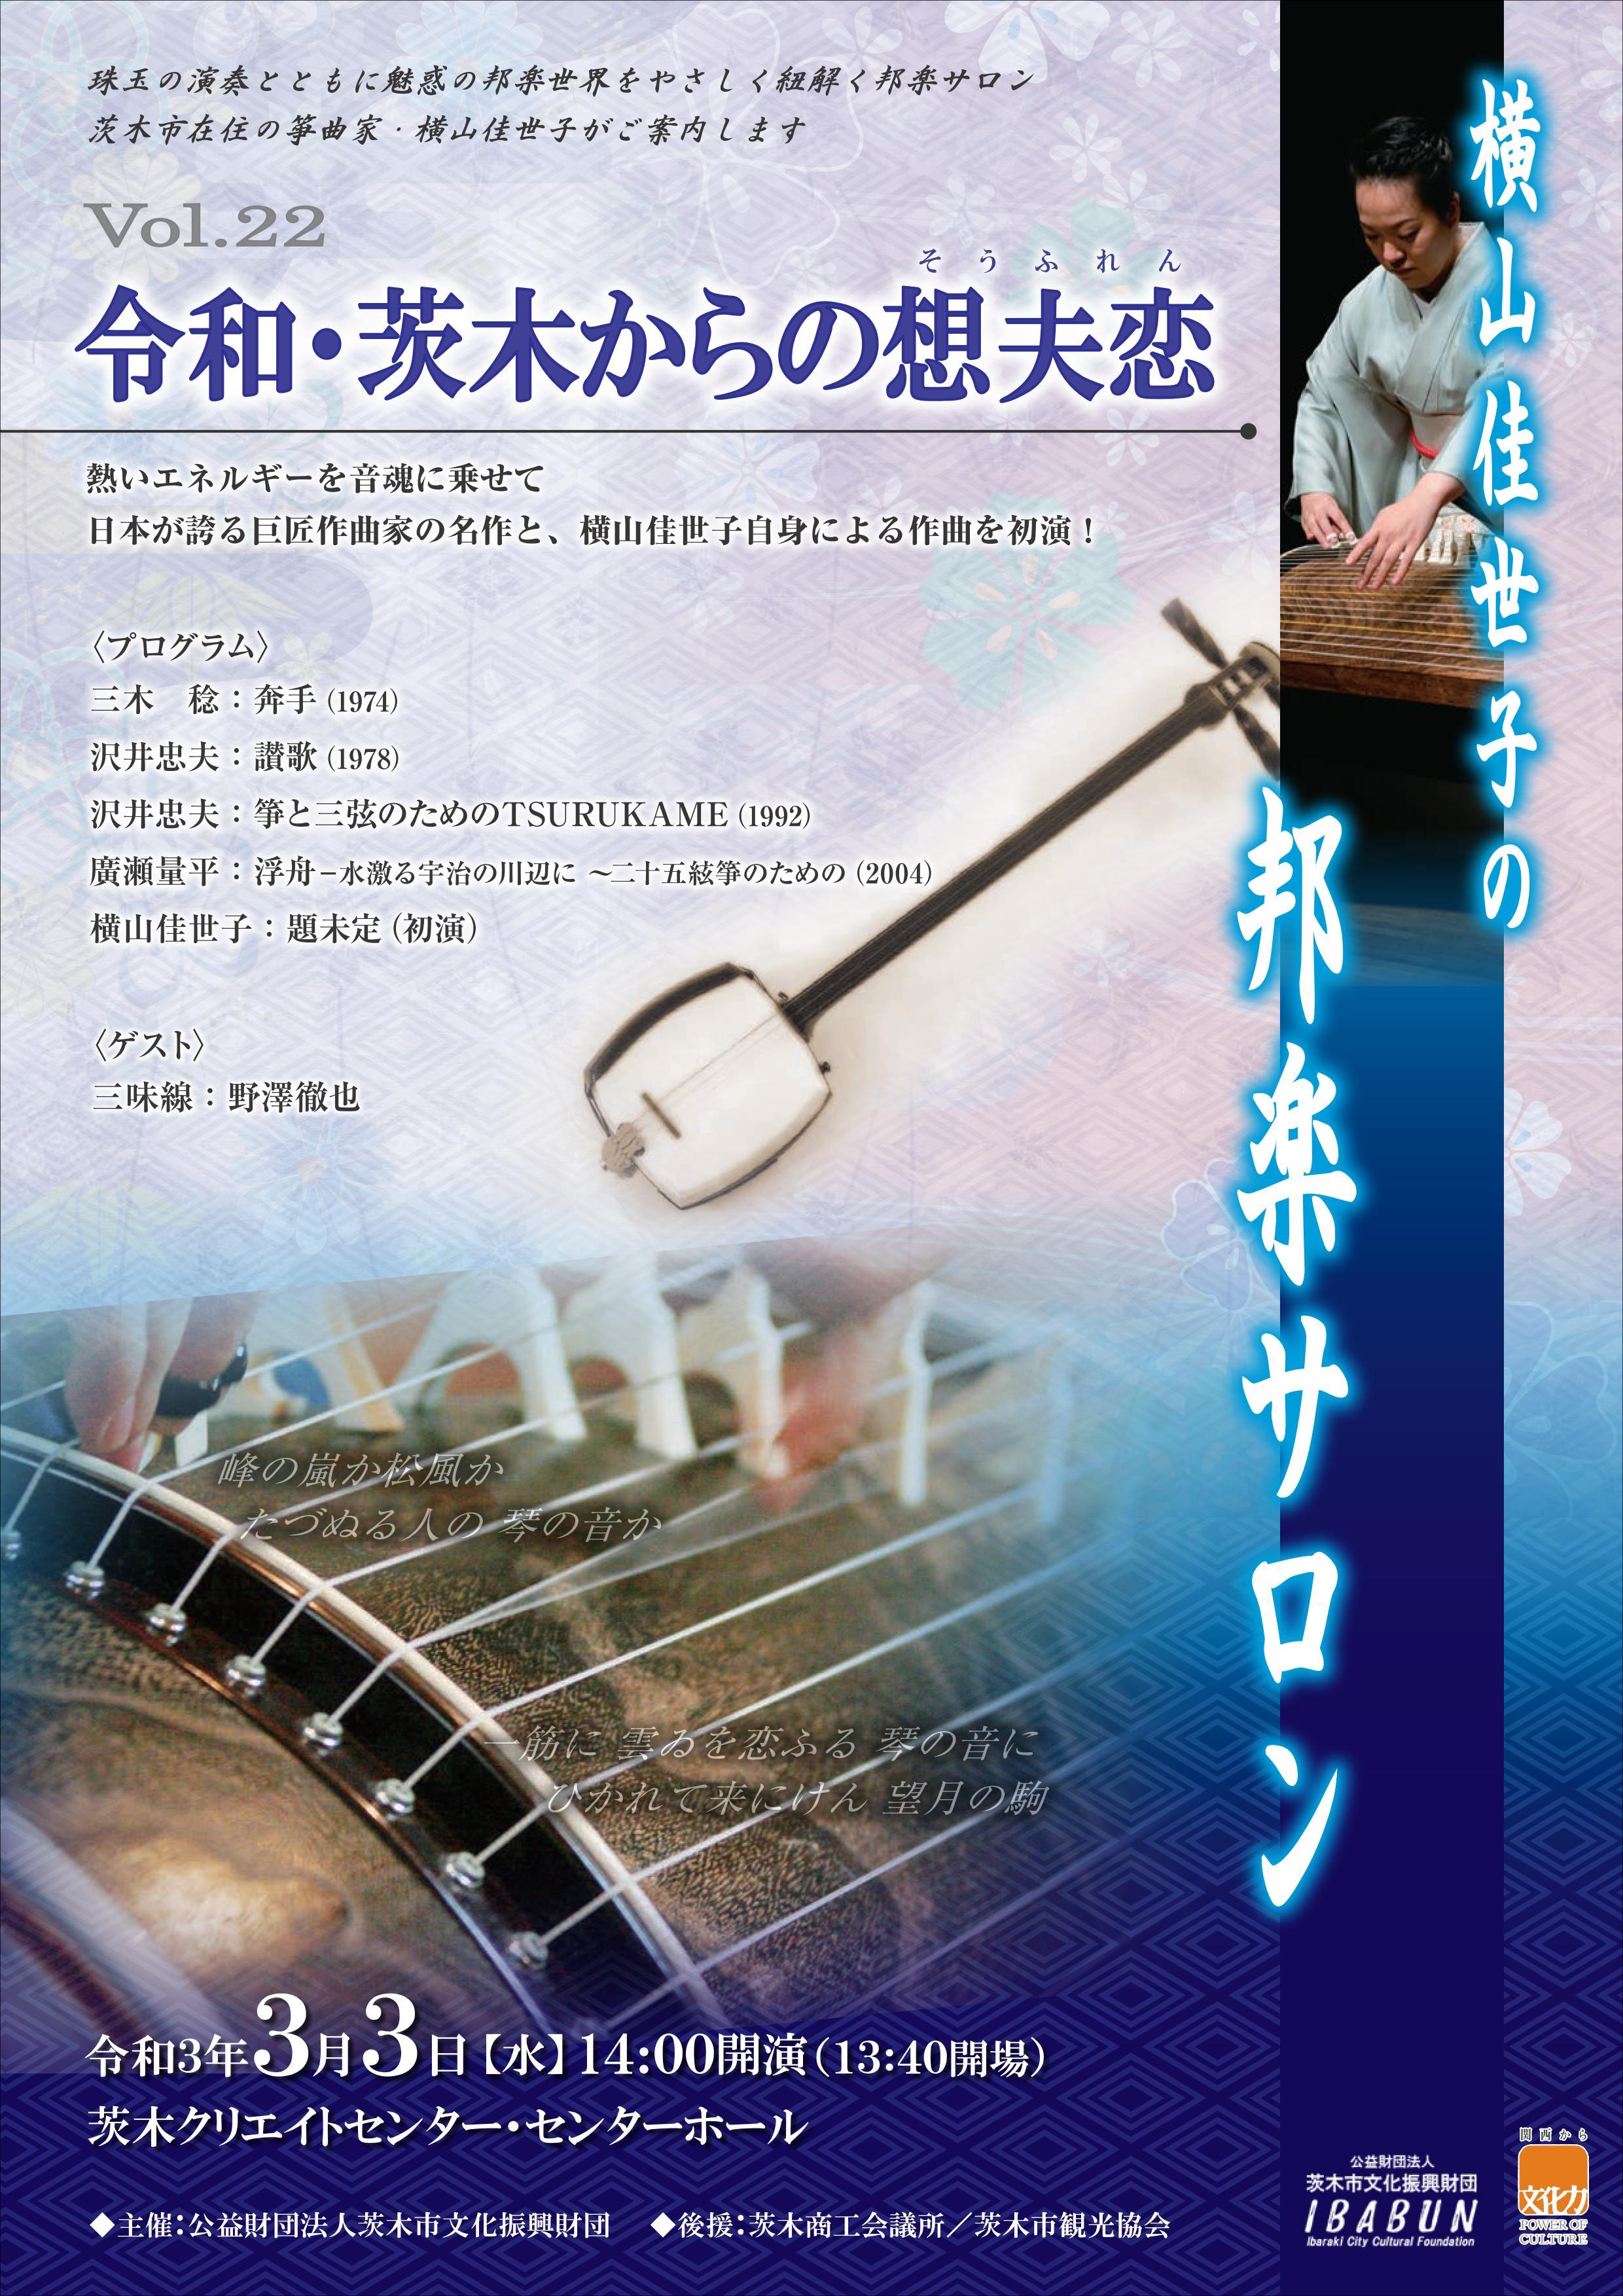 【完売御礼】横山佳世子の邦楽サロンVol.22 令和・茨木からの想夫恋